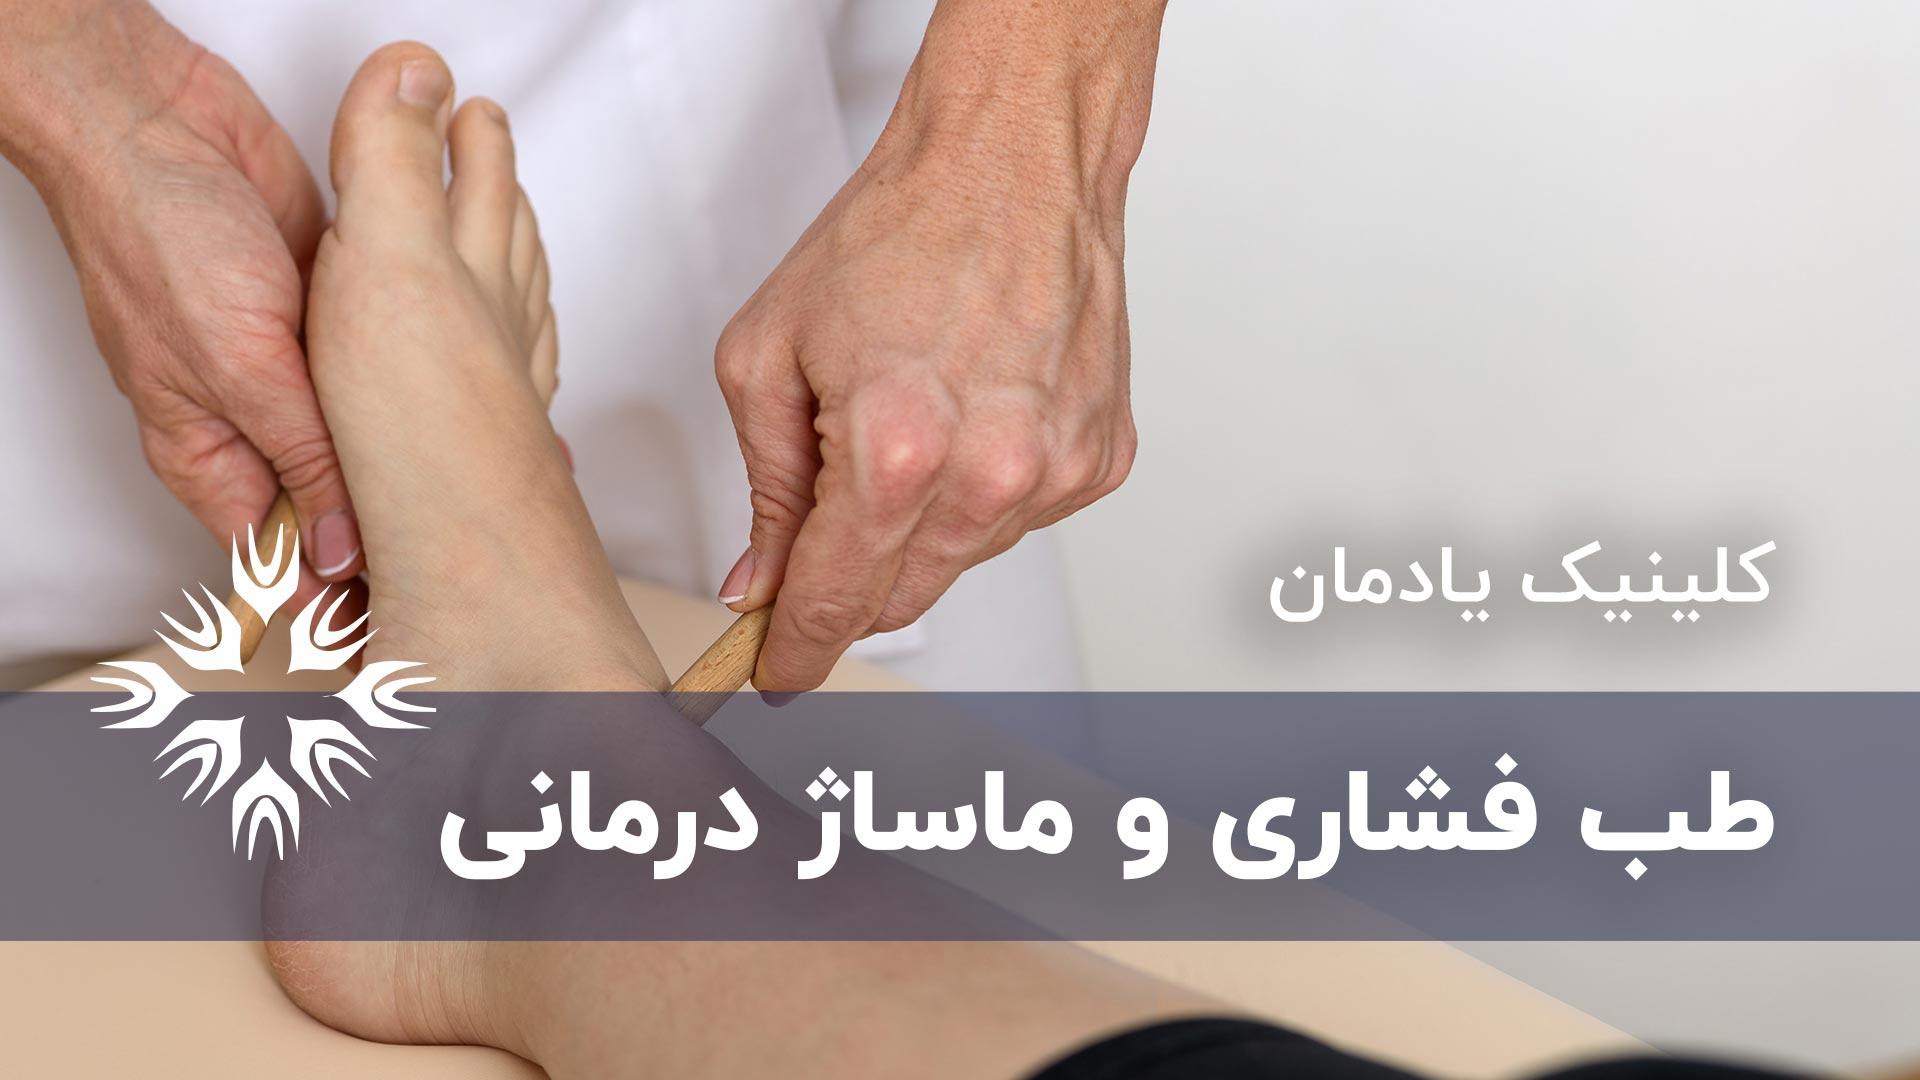 طب فشاری و ماساژ درمانی